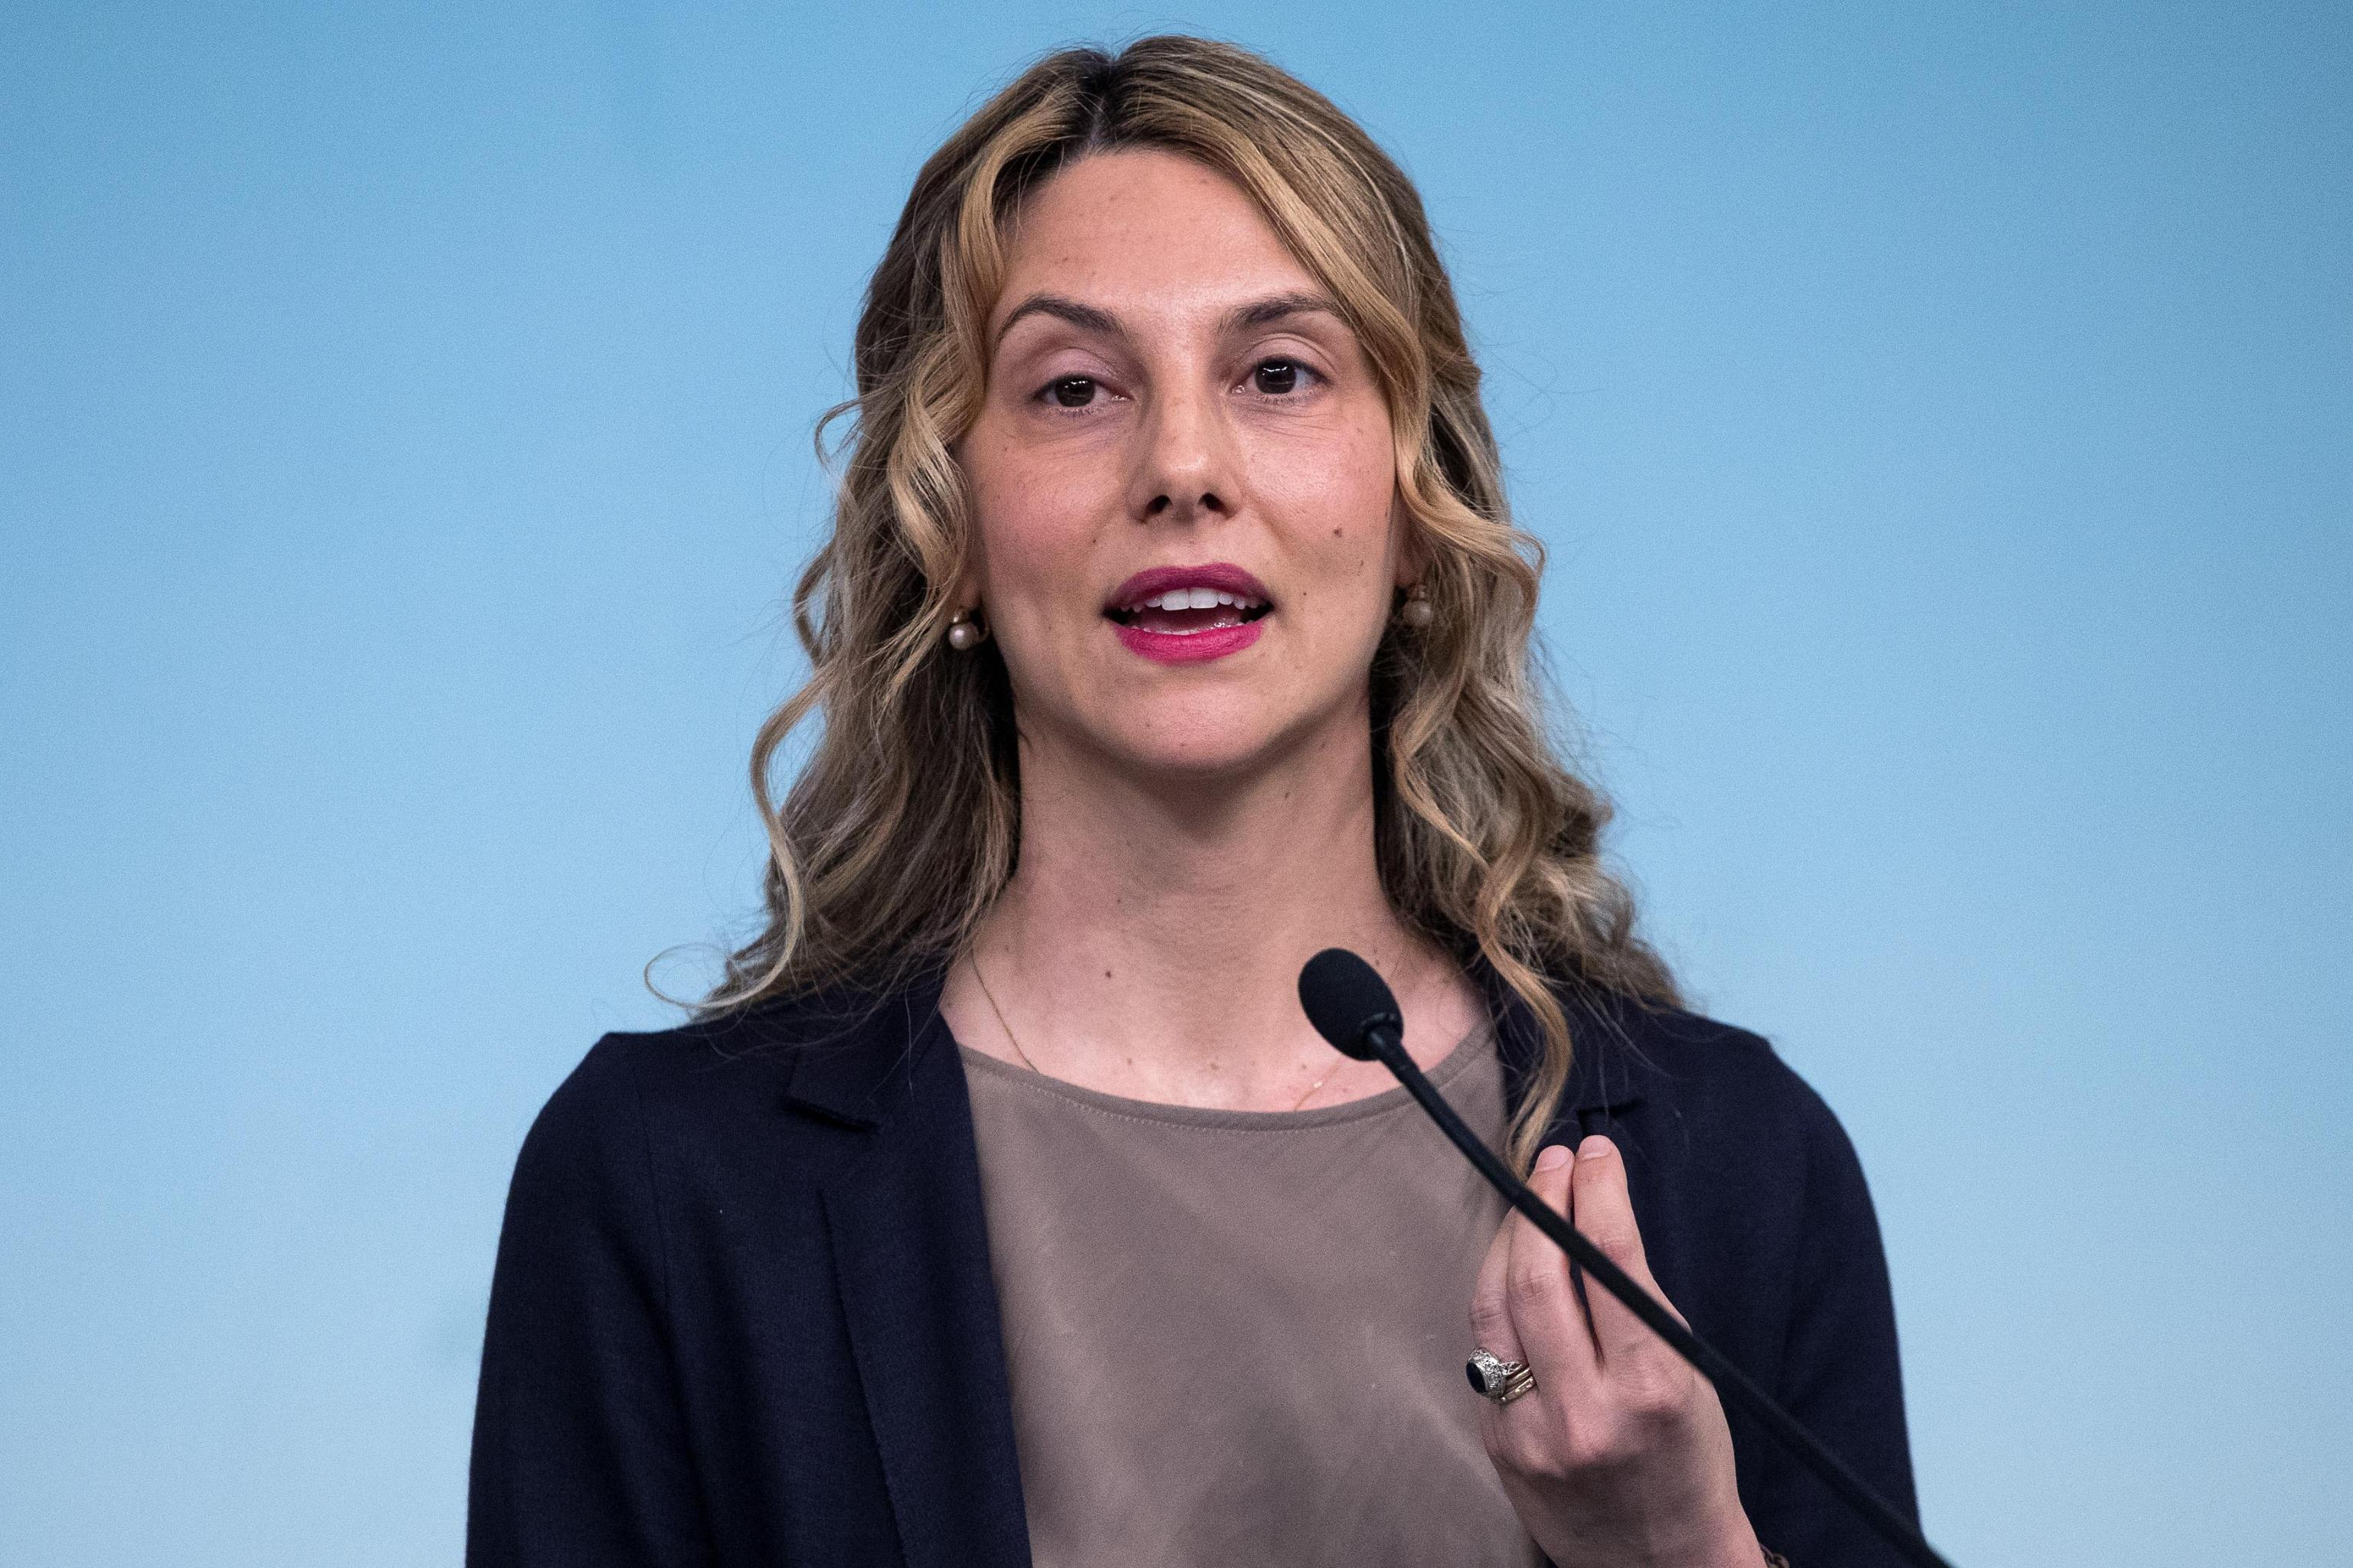 Rinnovo contratti statali, tweet della ministra Madia: 'Ora il contratto'